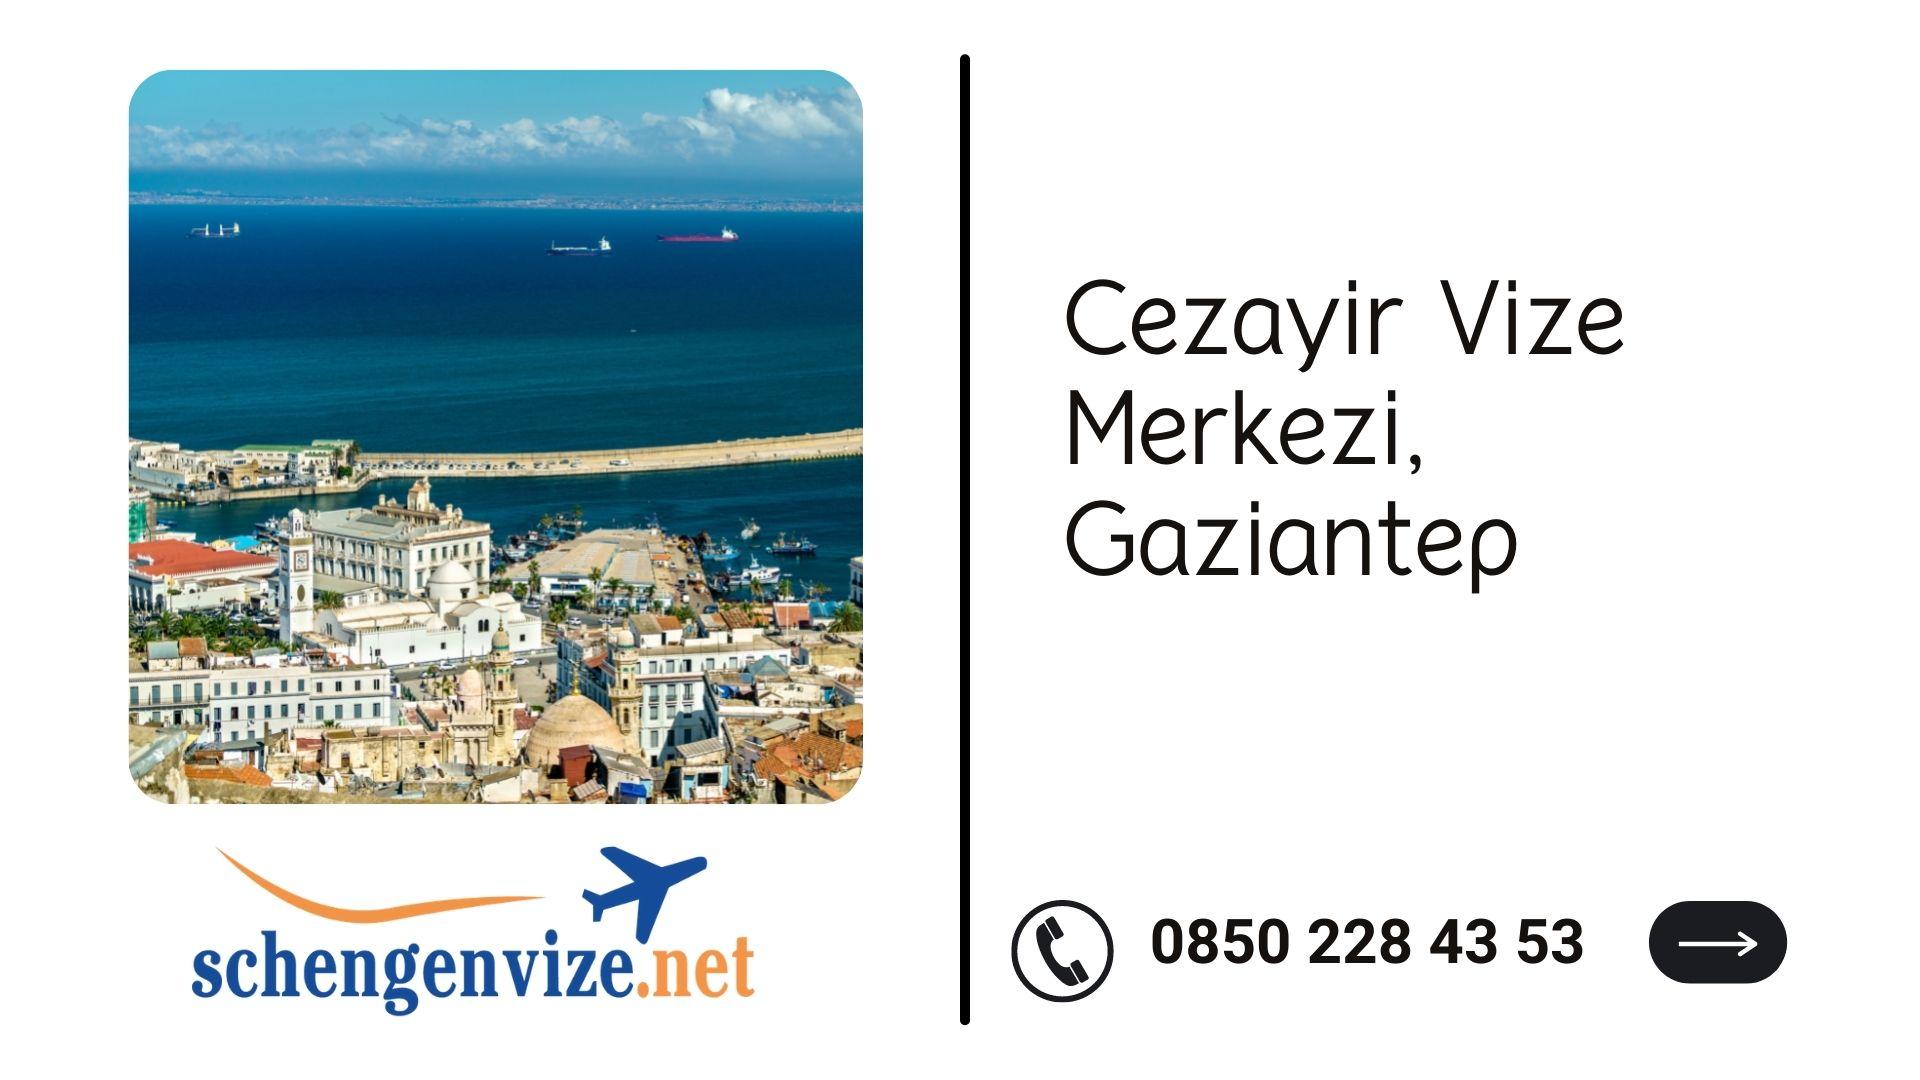 Cezayir Vize Merkezi, Gaziantep